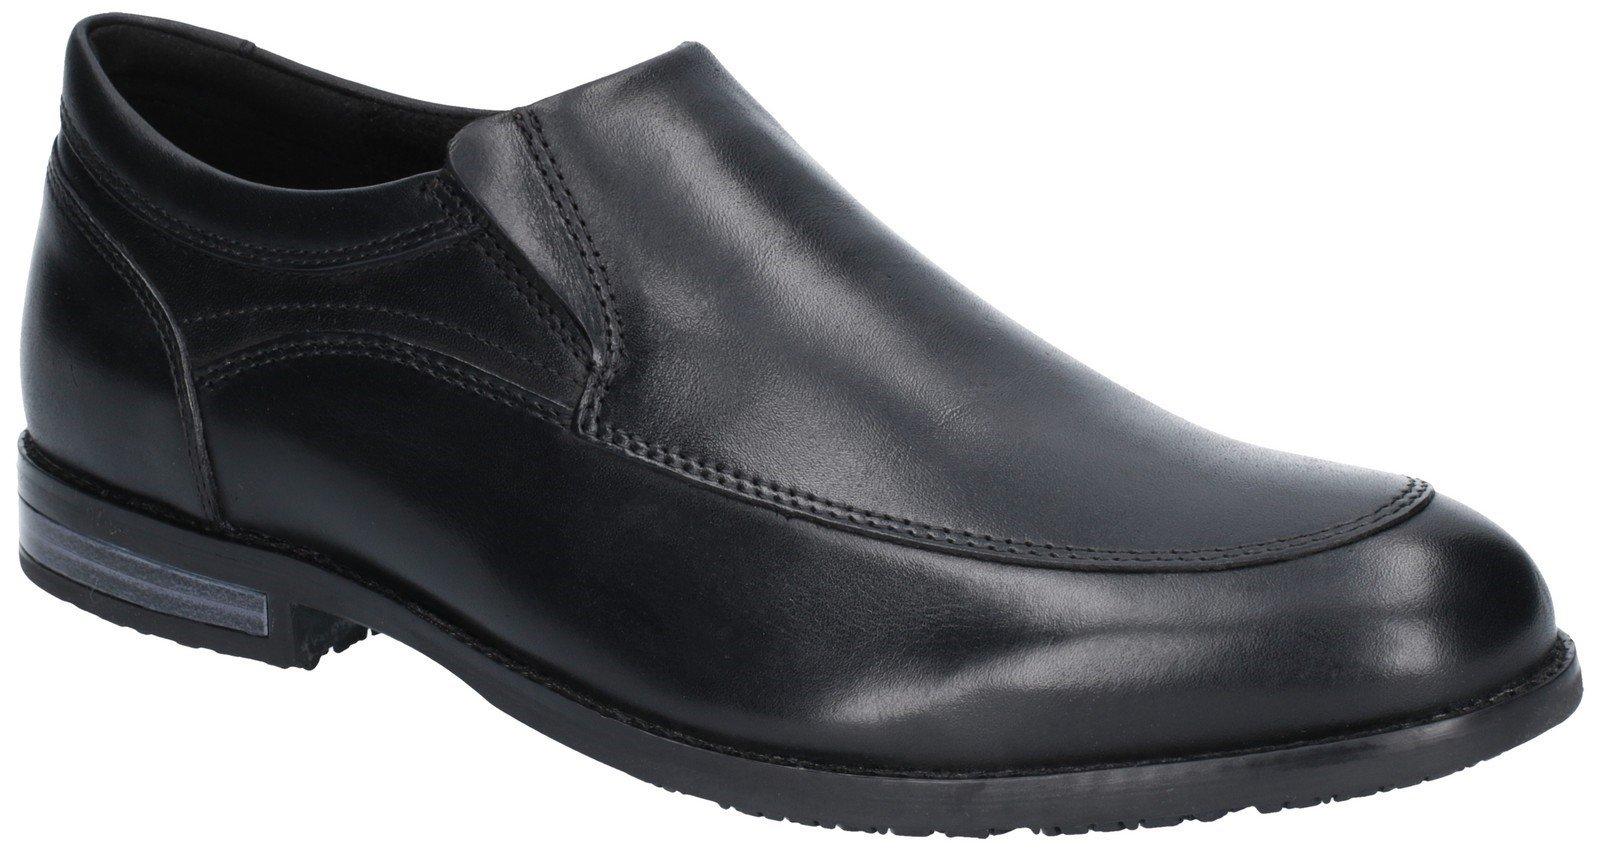 Rockport Men's Dustyn Slip On Shoe Loafer Black 28856 - Black 7